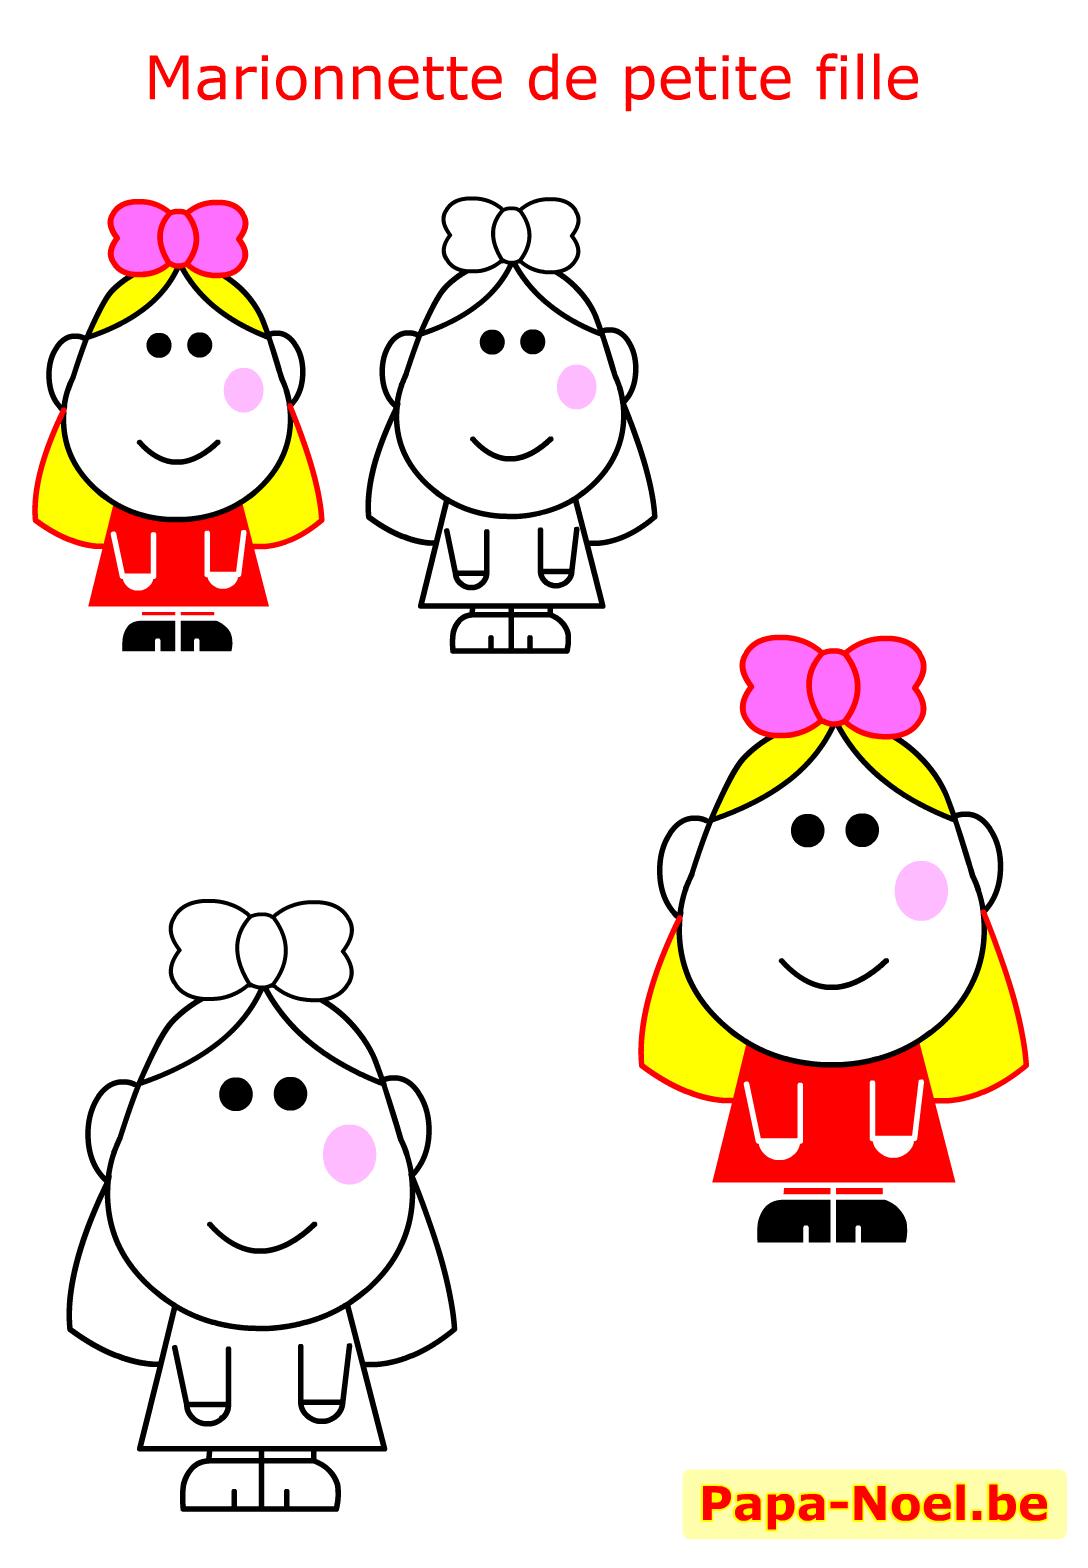 Bricolage noel enfant fabrication marionnette no l maternelle fille fabriquer bricolages marotte - Marionnettes a doigts a imprimer ...